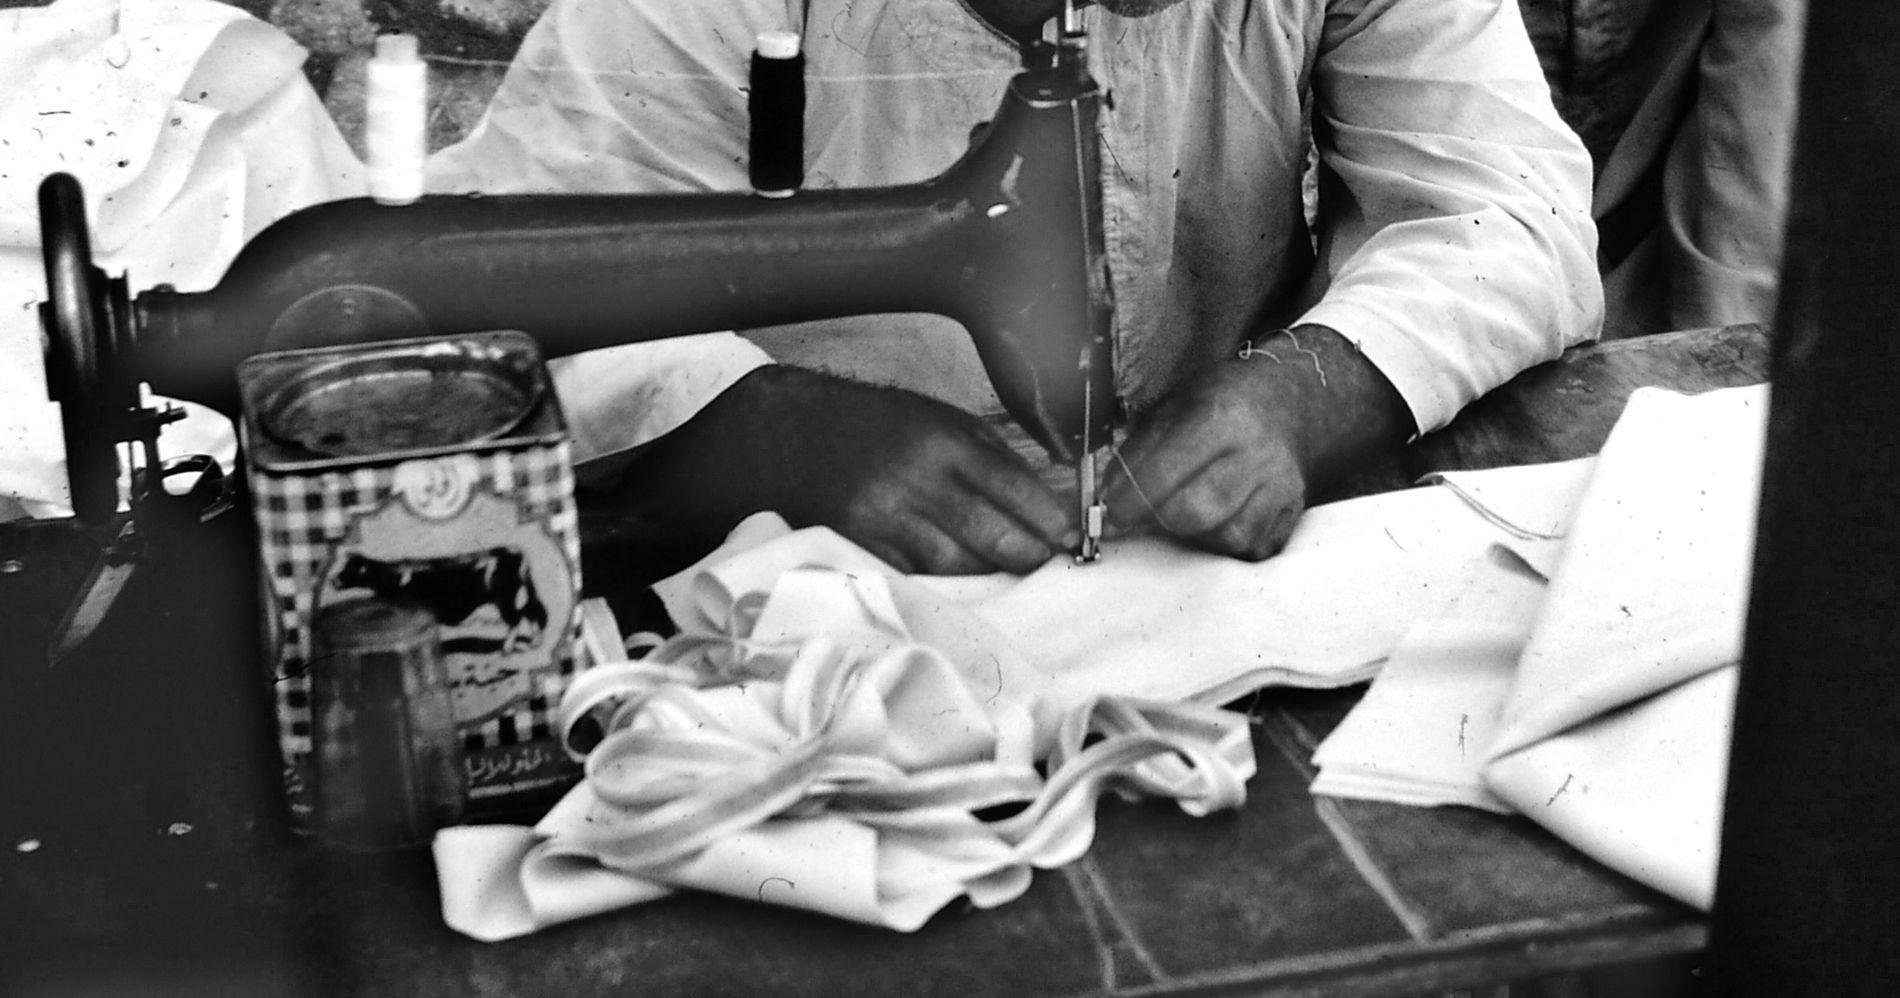 Kinerja PBRX dan SRIL di Tengah Tekanan Sektor Tekstil Illustration Bisnis Muda - Canva